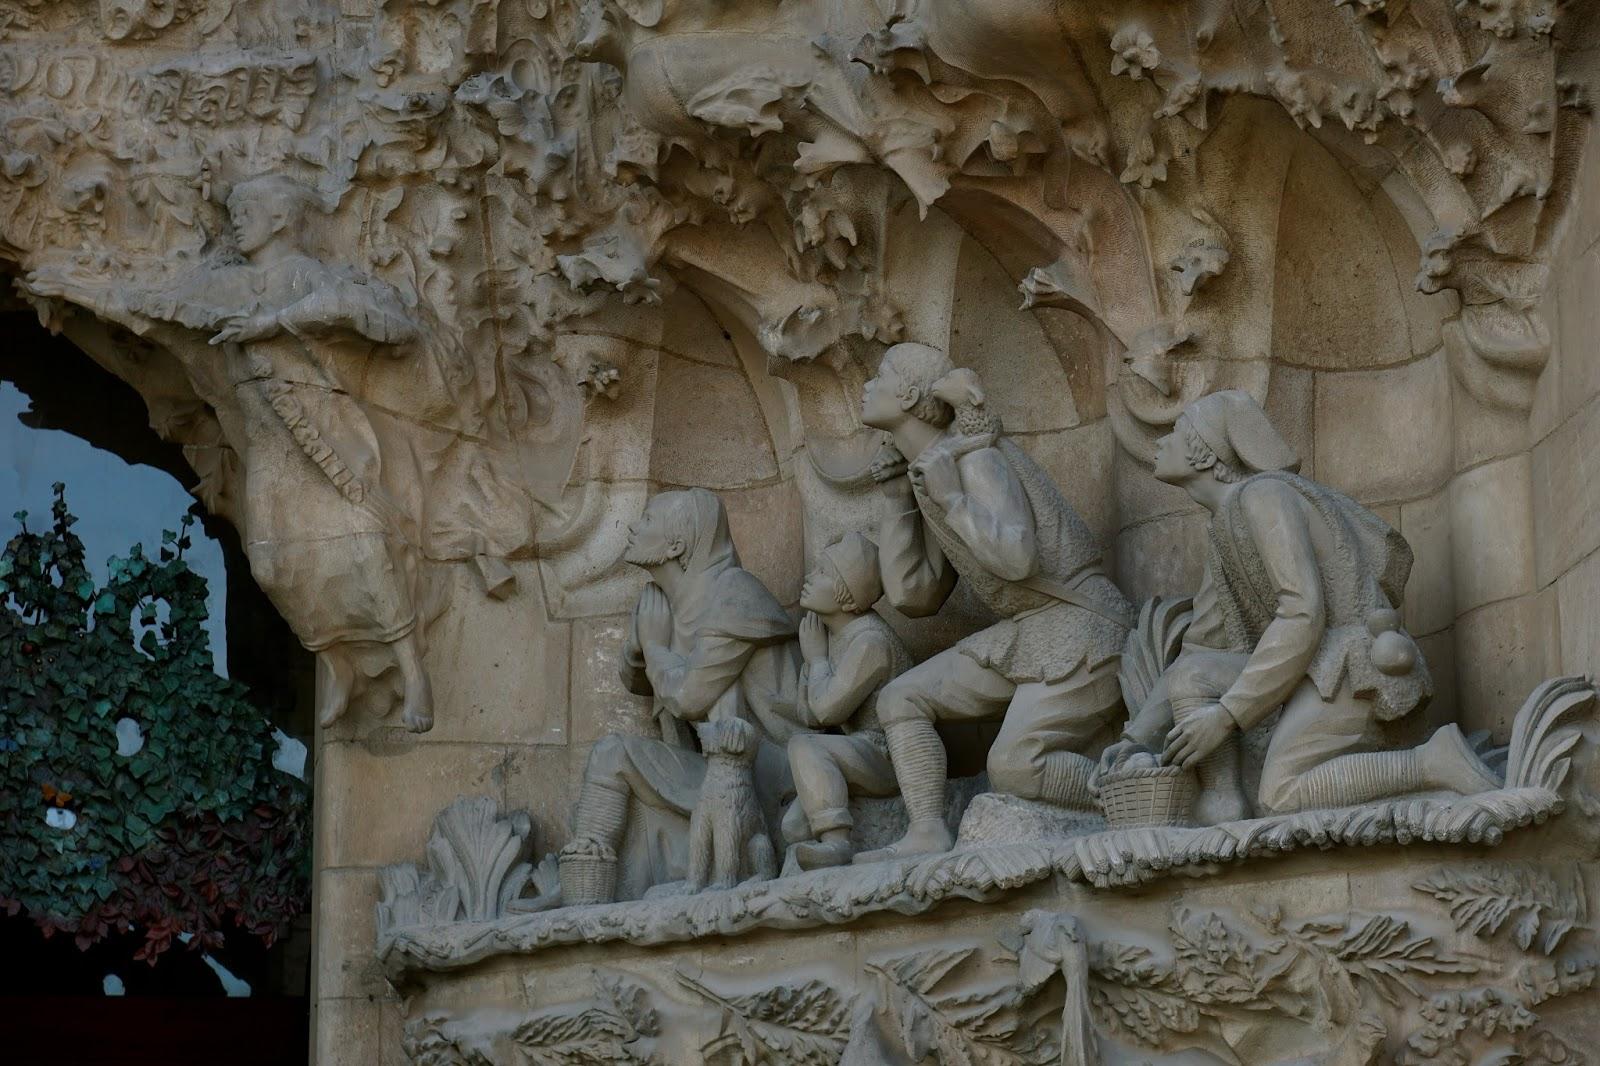 サグラダ・ファミリア (Sagrada Familia) 「羊飼いの礼拝(L'adoració dels pastors)